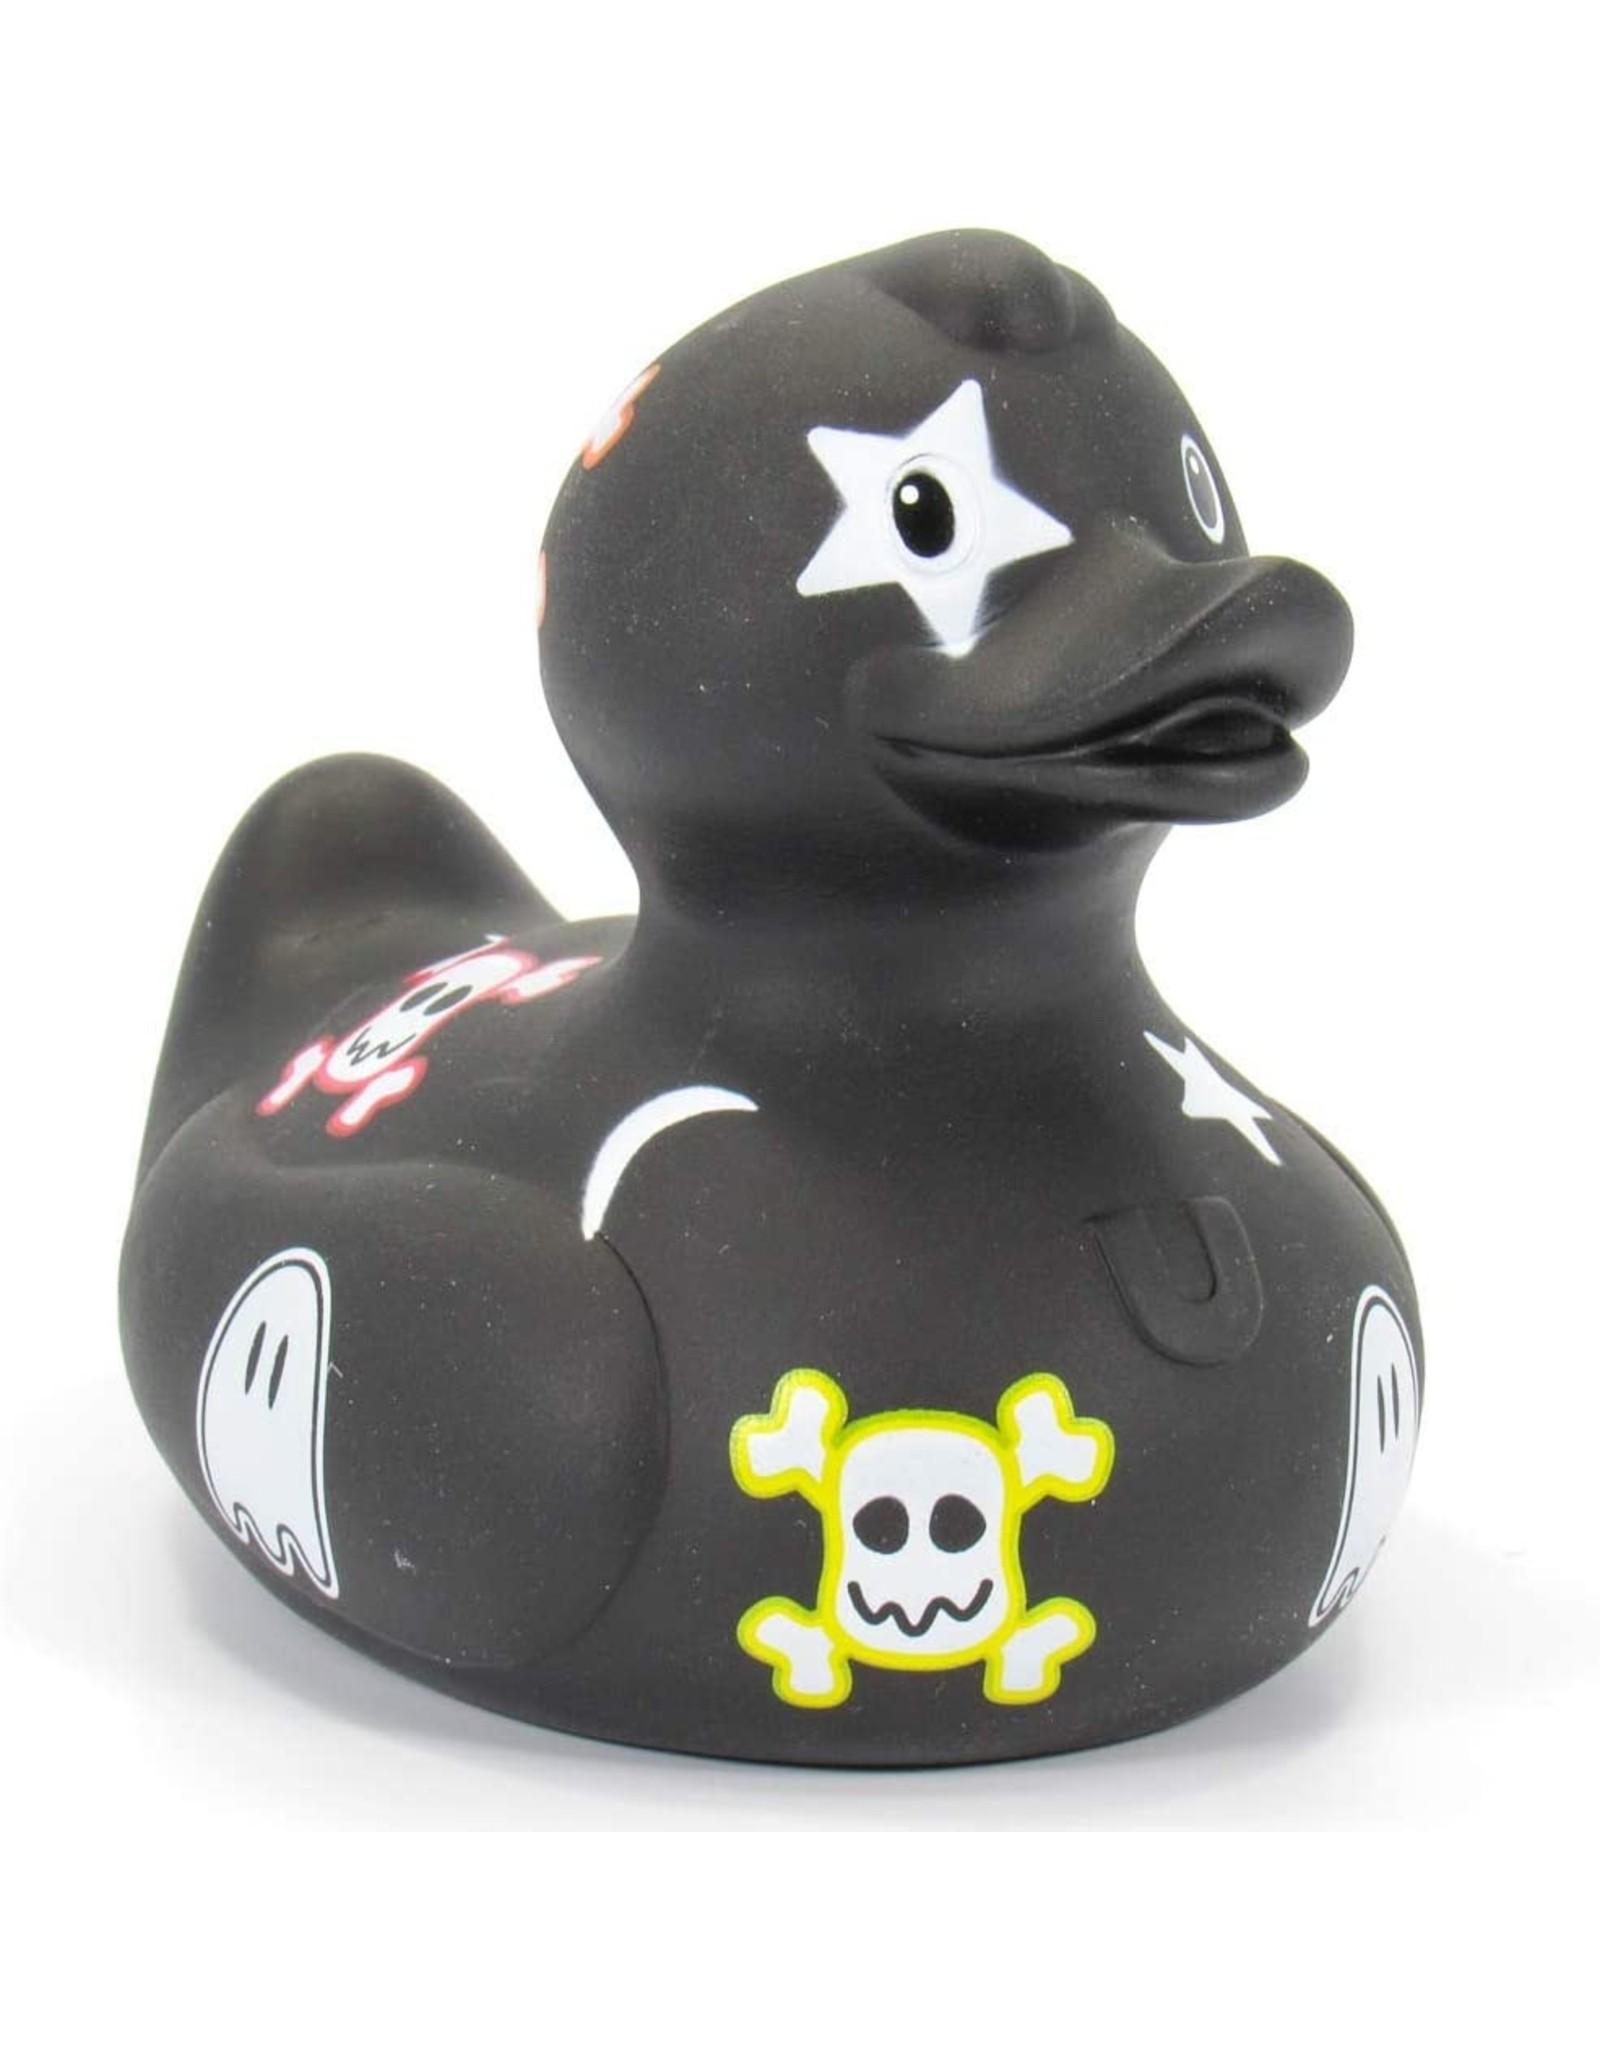 Spooky Rubber Duck